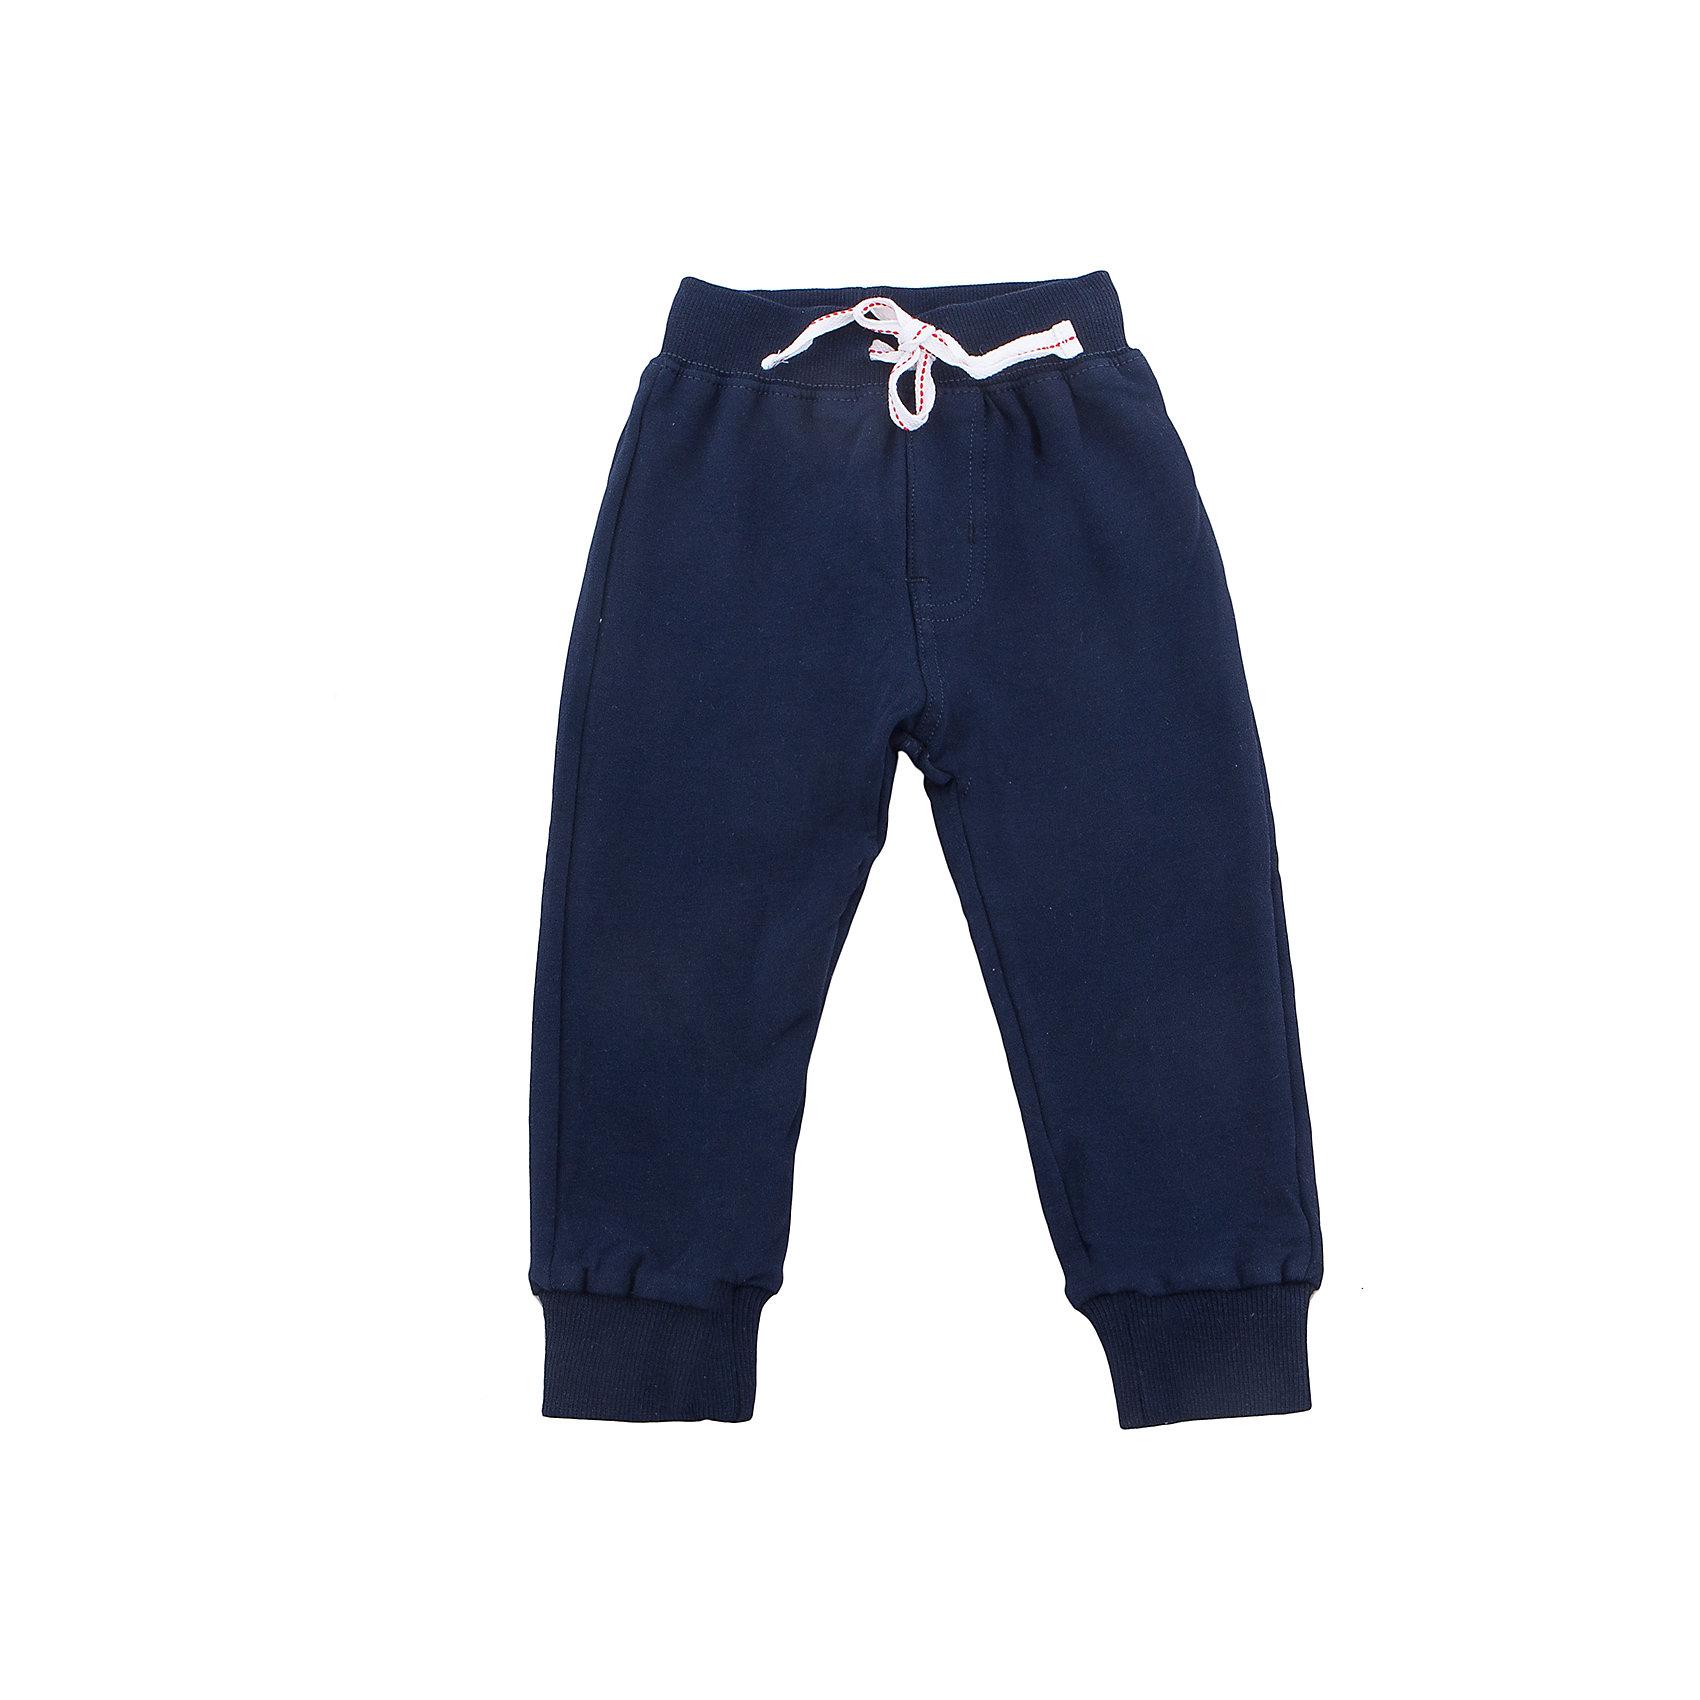 Брюки для мальчика Sweet BerryБрюки<br>Трикотажные брюки, низ брючин собран на мягкую резинку. Модель имеет прорезные карманы и декоративный кант. Пояс-резинка дополнен шнуром для регулирования объема.<br>Состав:<br>95%хлопок 5%эластан<br><br>Ширина мм: 215<br>Глубина мм: 88<br>Высота мм: 191<br>Вес г: 336<br>Цвет: синий<br>Возраст от месяцев: 12<br>Возраст до месяцев: 15<br>Пол: Мужской<br>Возраст: Детский<br>Размер: 80,86,92,98<br>SKU: 5411774